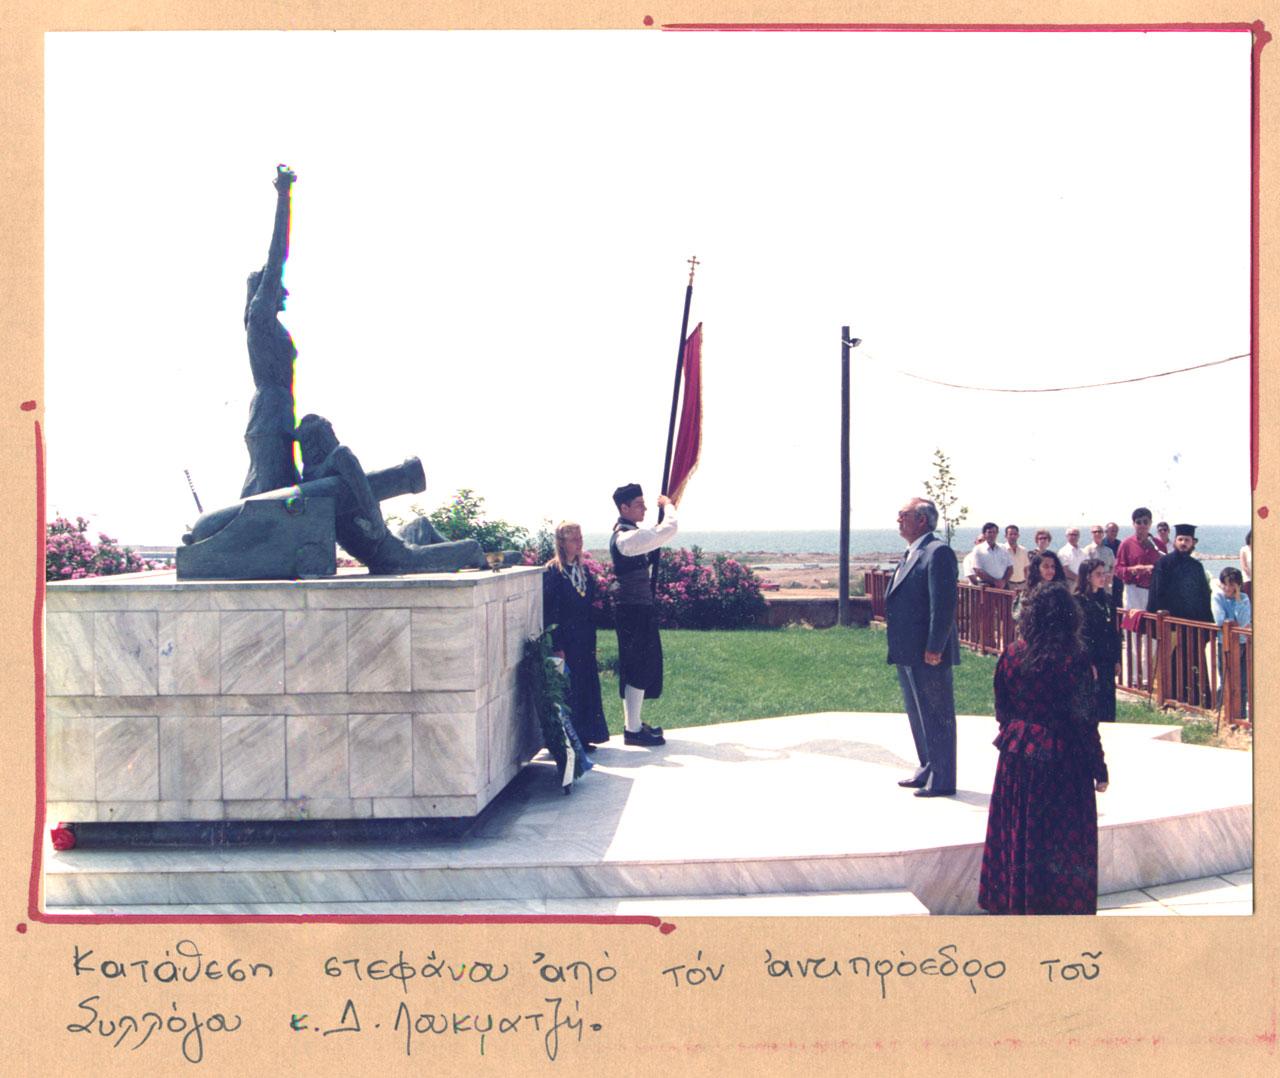 Κατάθεση στεφάνου στο άγαλμα των Βισβίζηδων από τον αντιπρόεδρο των Βισβίζηδων κ. Λουκματζή (24/5/1987)